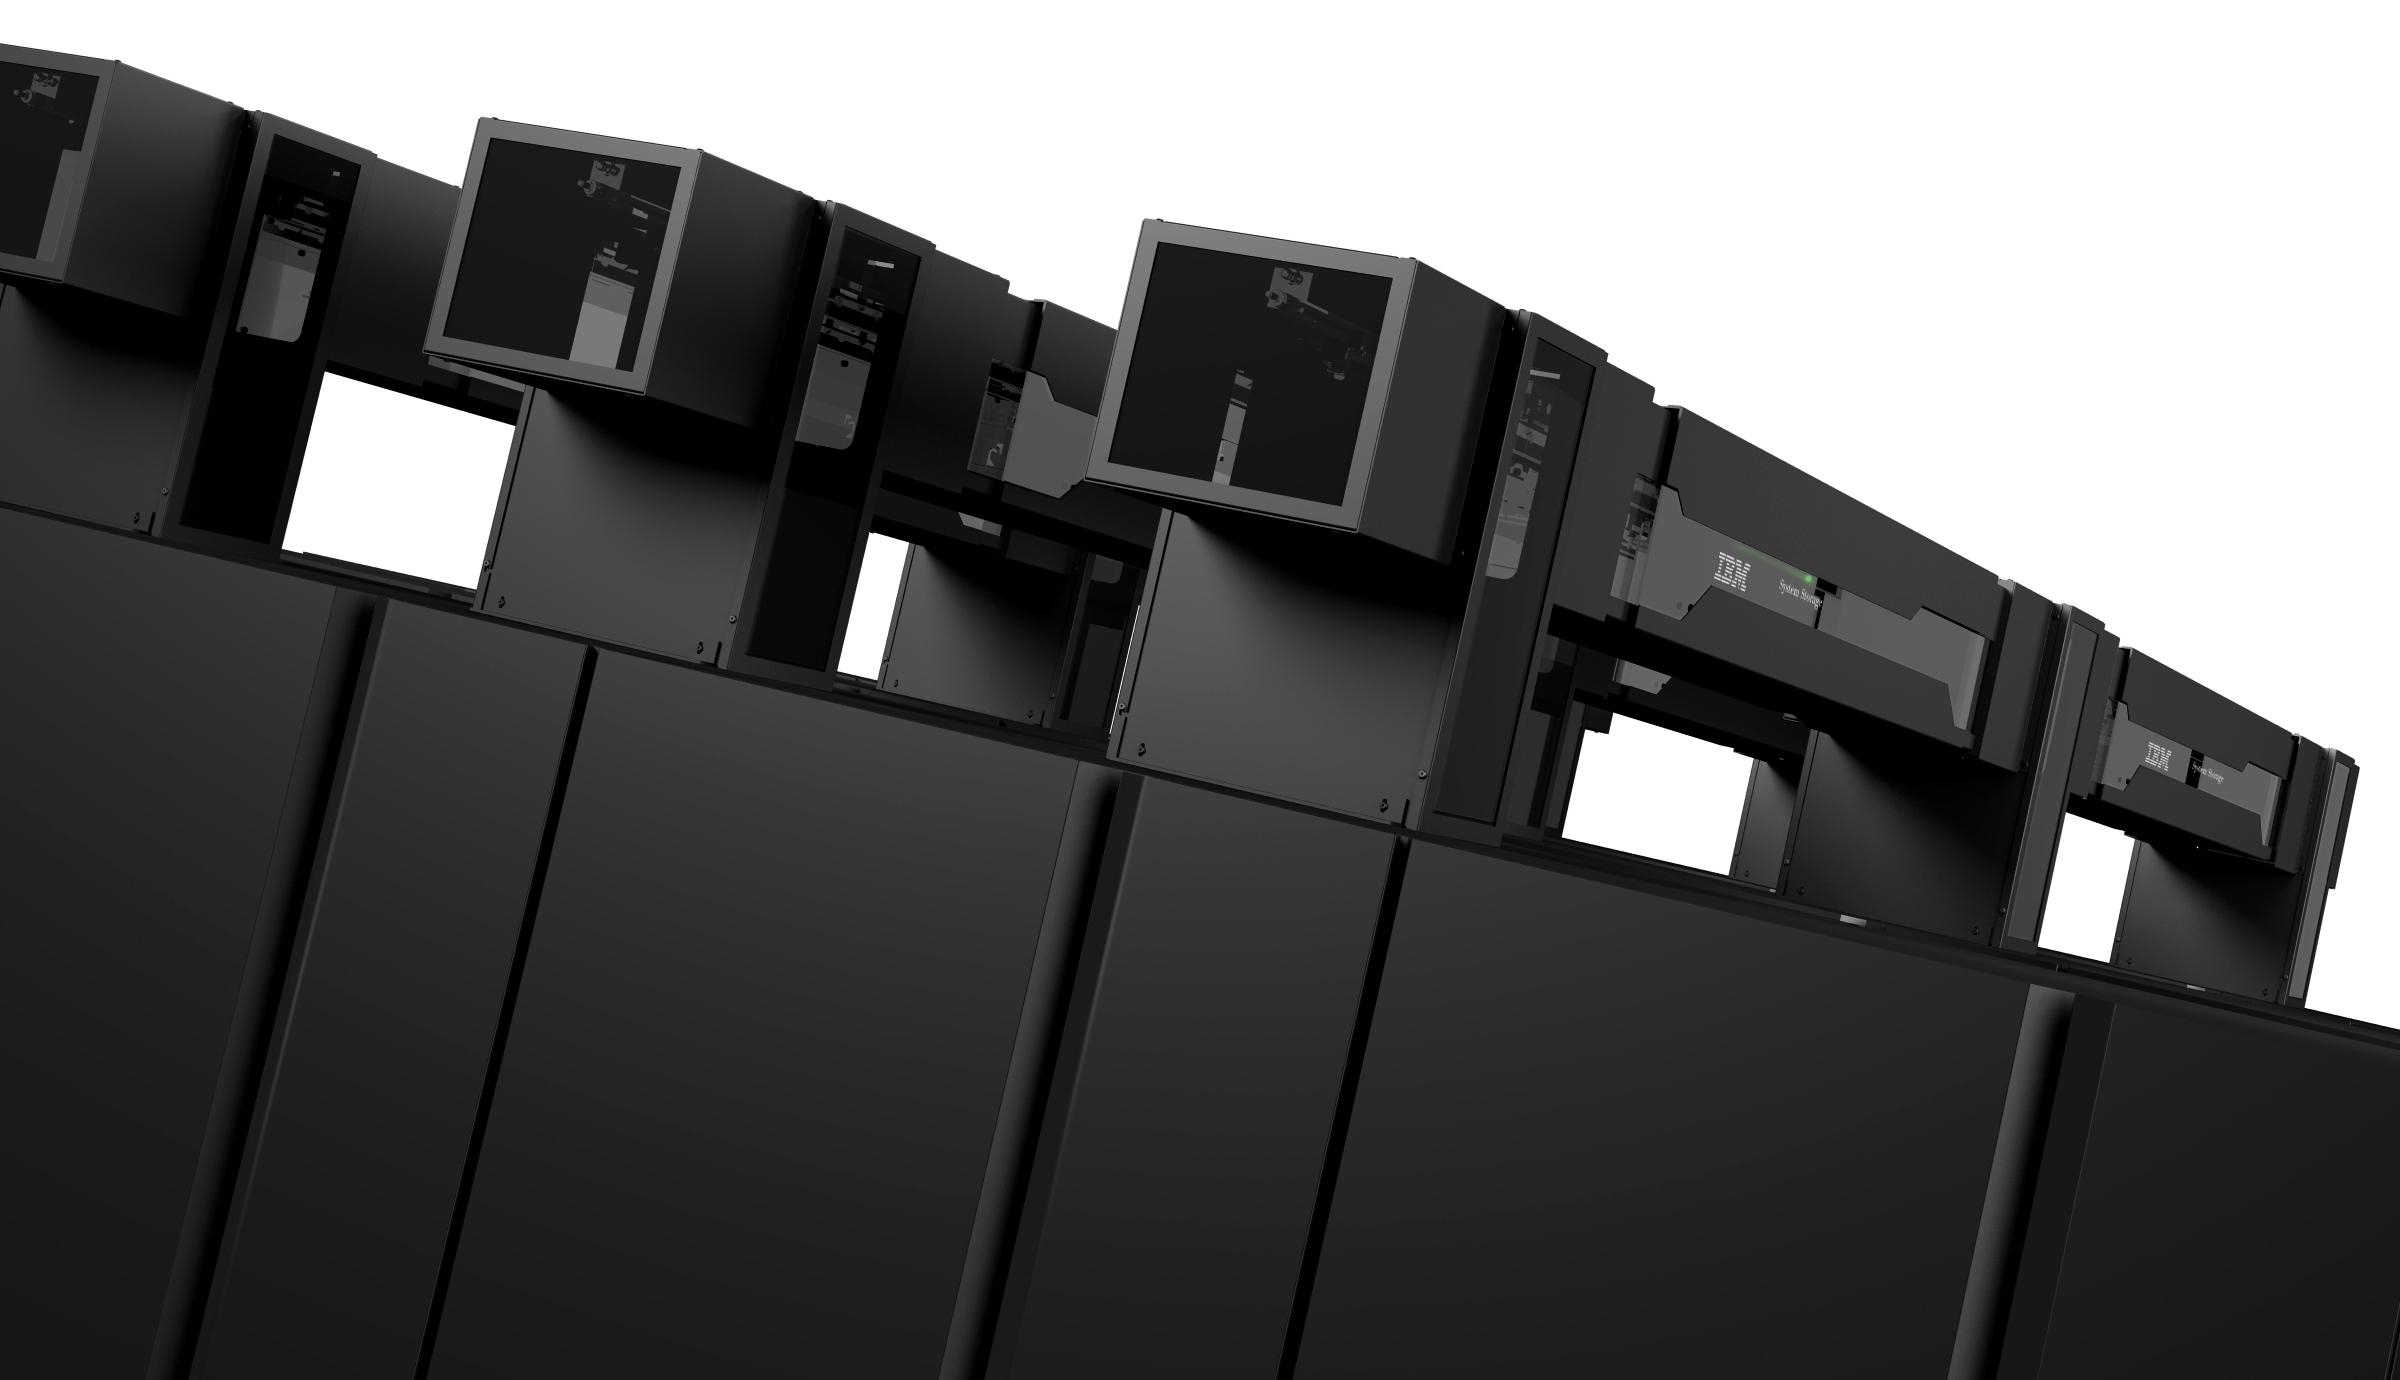 Ibm System Storage Ts3500 High Density Tape System By